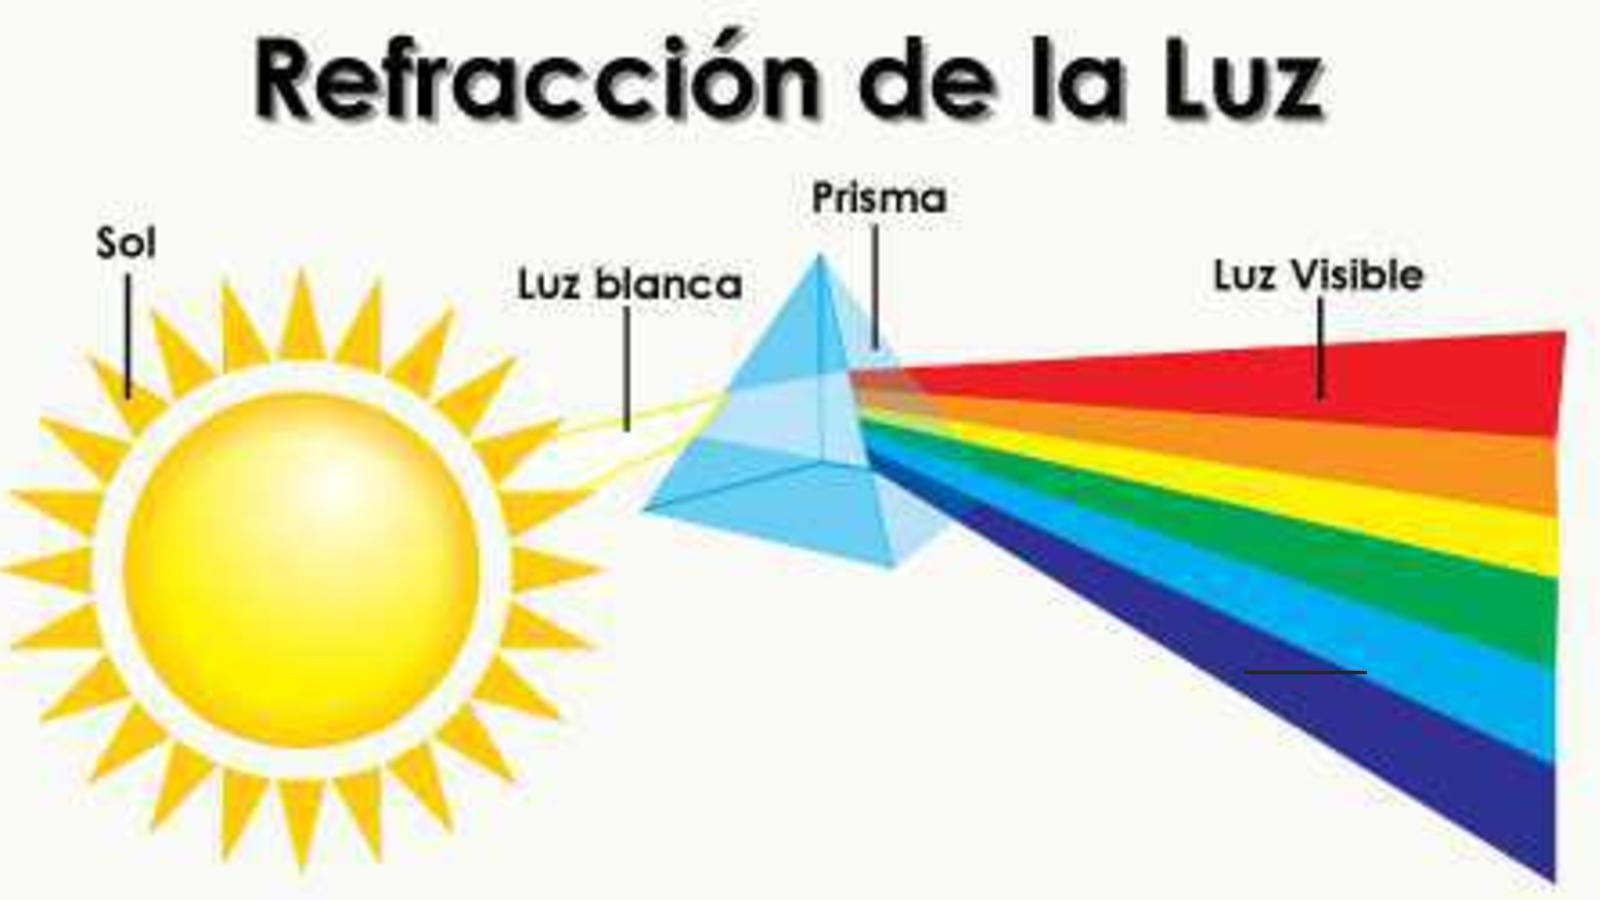 Calameo Fisica Refraccion De La Luz